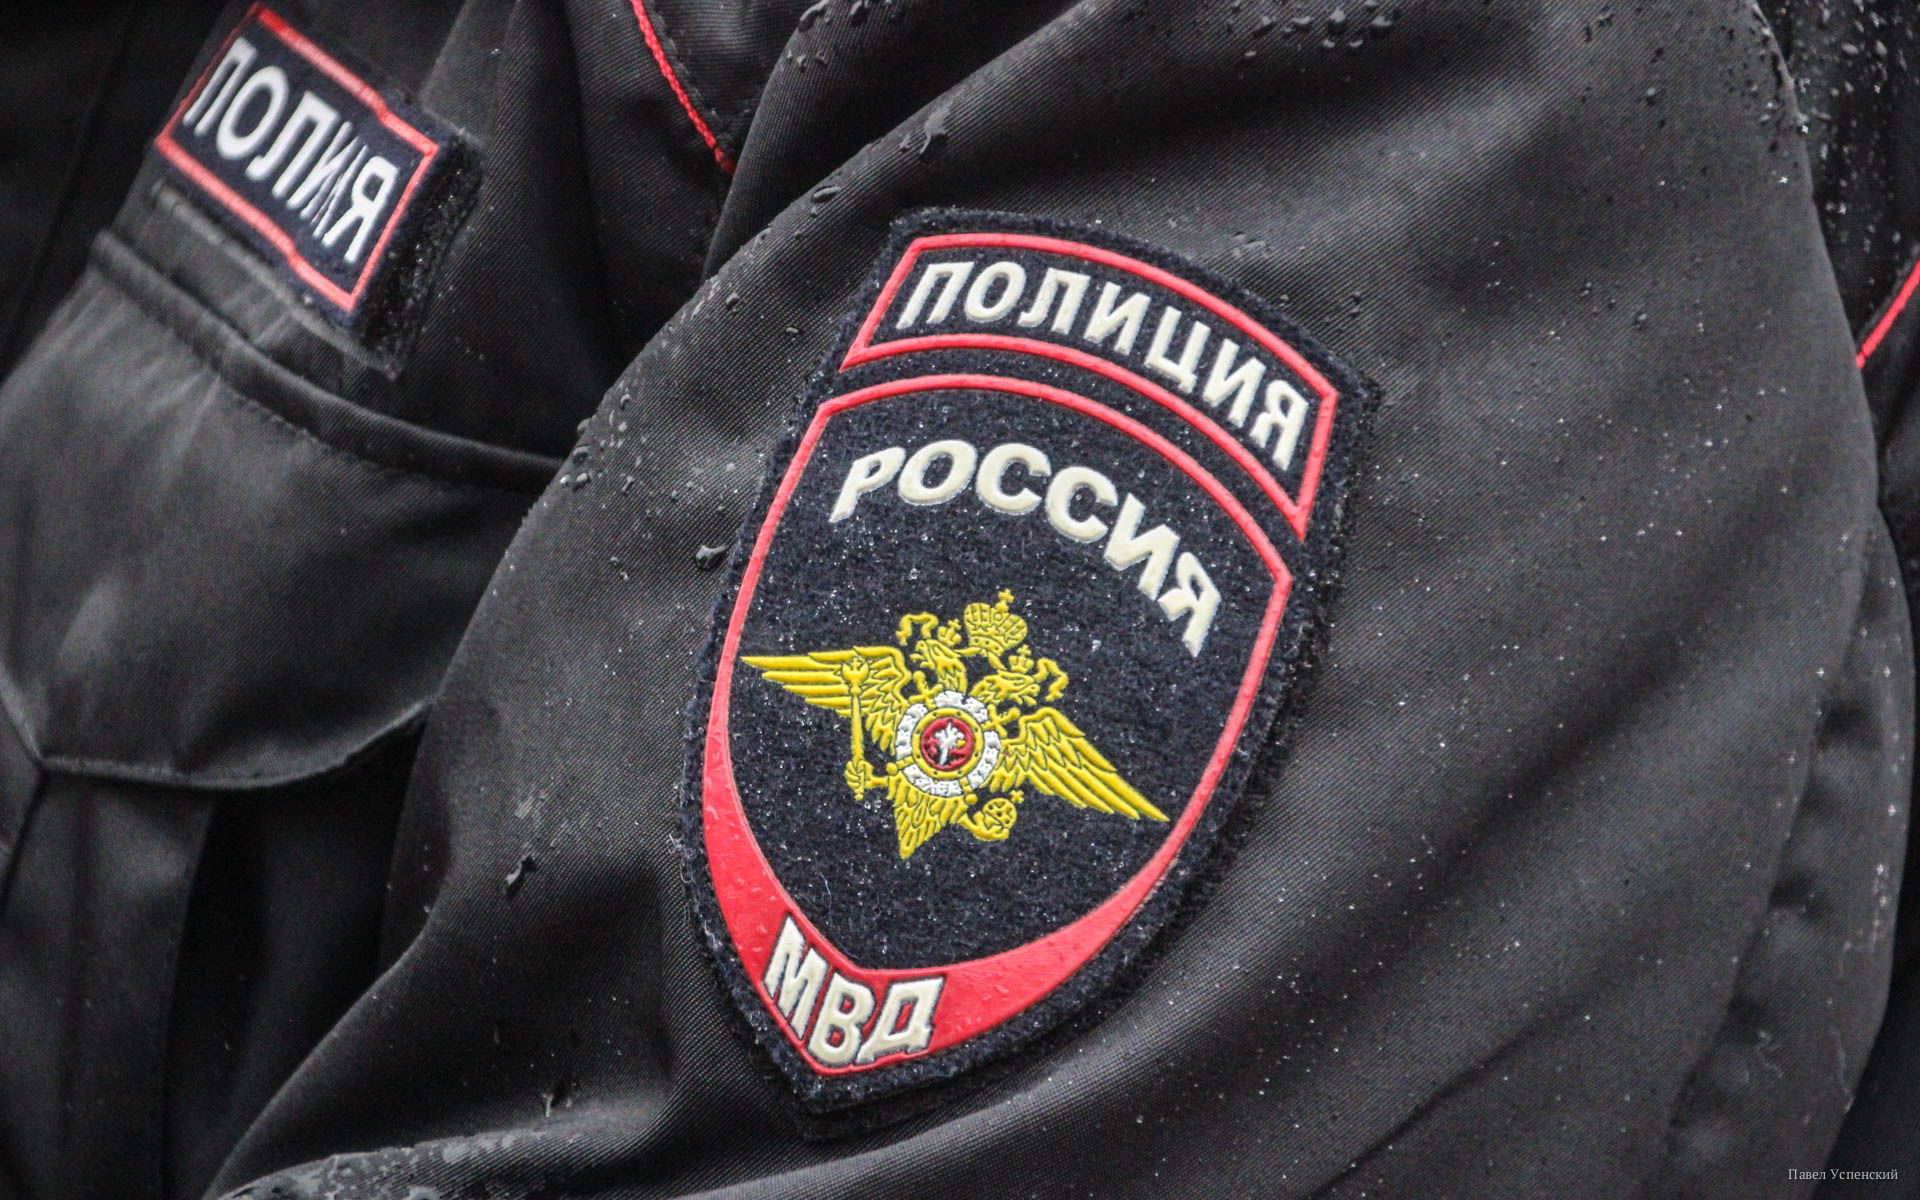 Жительница Тверской области отсудила у компании почти полмиллиона рублей «долгов по зарплате», не проработав в ней ни дня